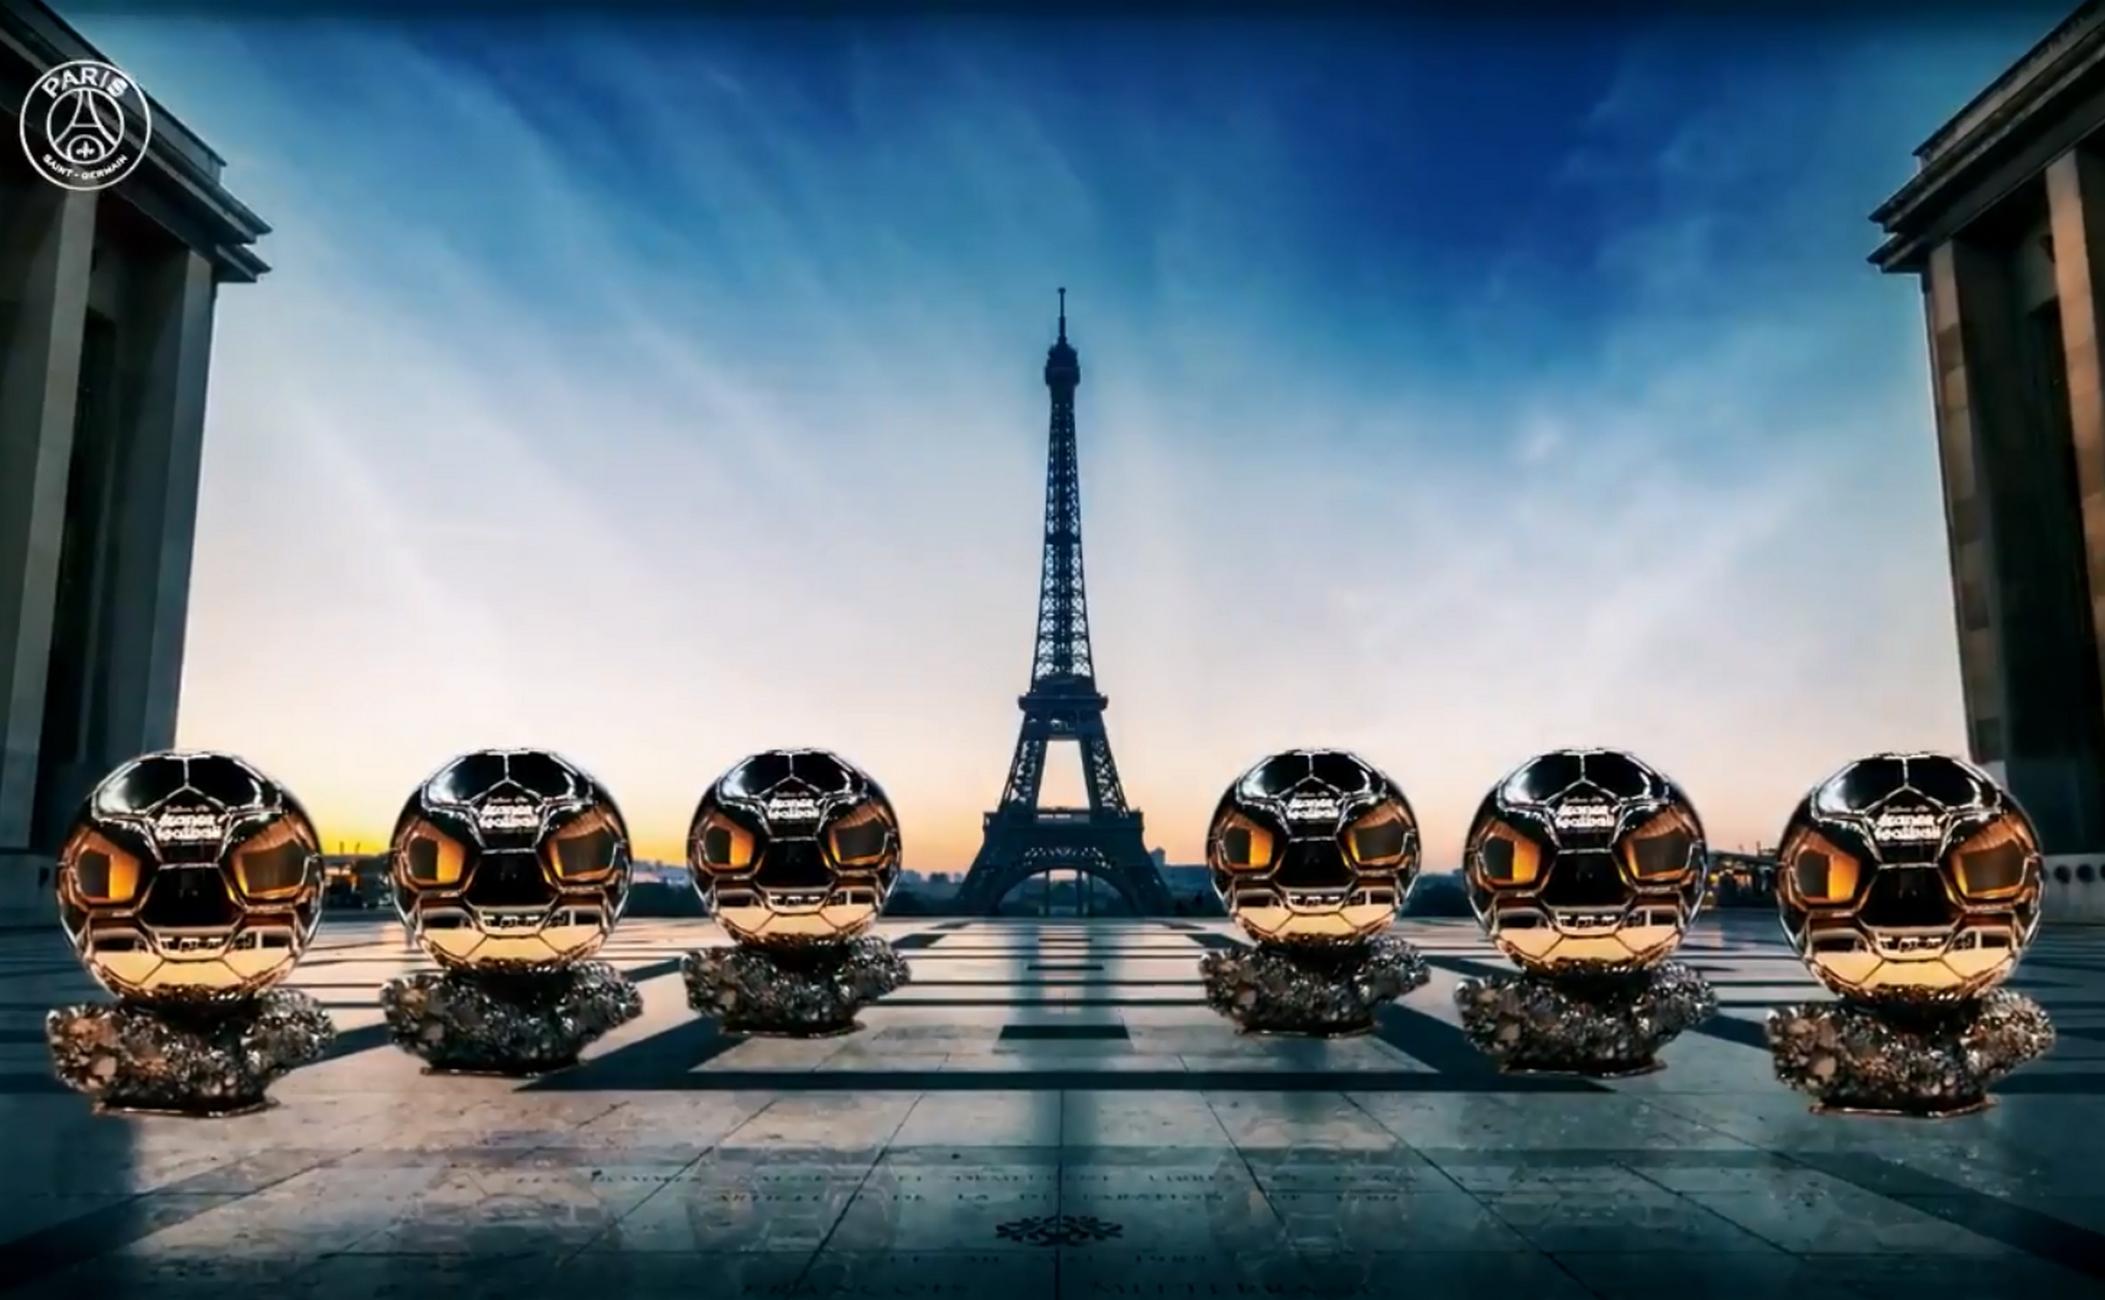 Παρί Σεν Ζερμέν – Μέσι: Δρακόντεια μέτρα για τον Αργεντινό στο Παρίσι – Την Τετάρτη (11/08) η επίσημη παρουσίαση